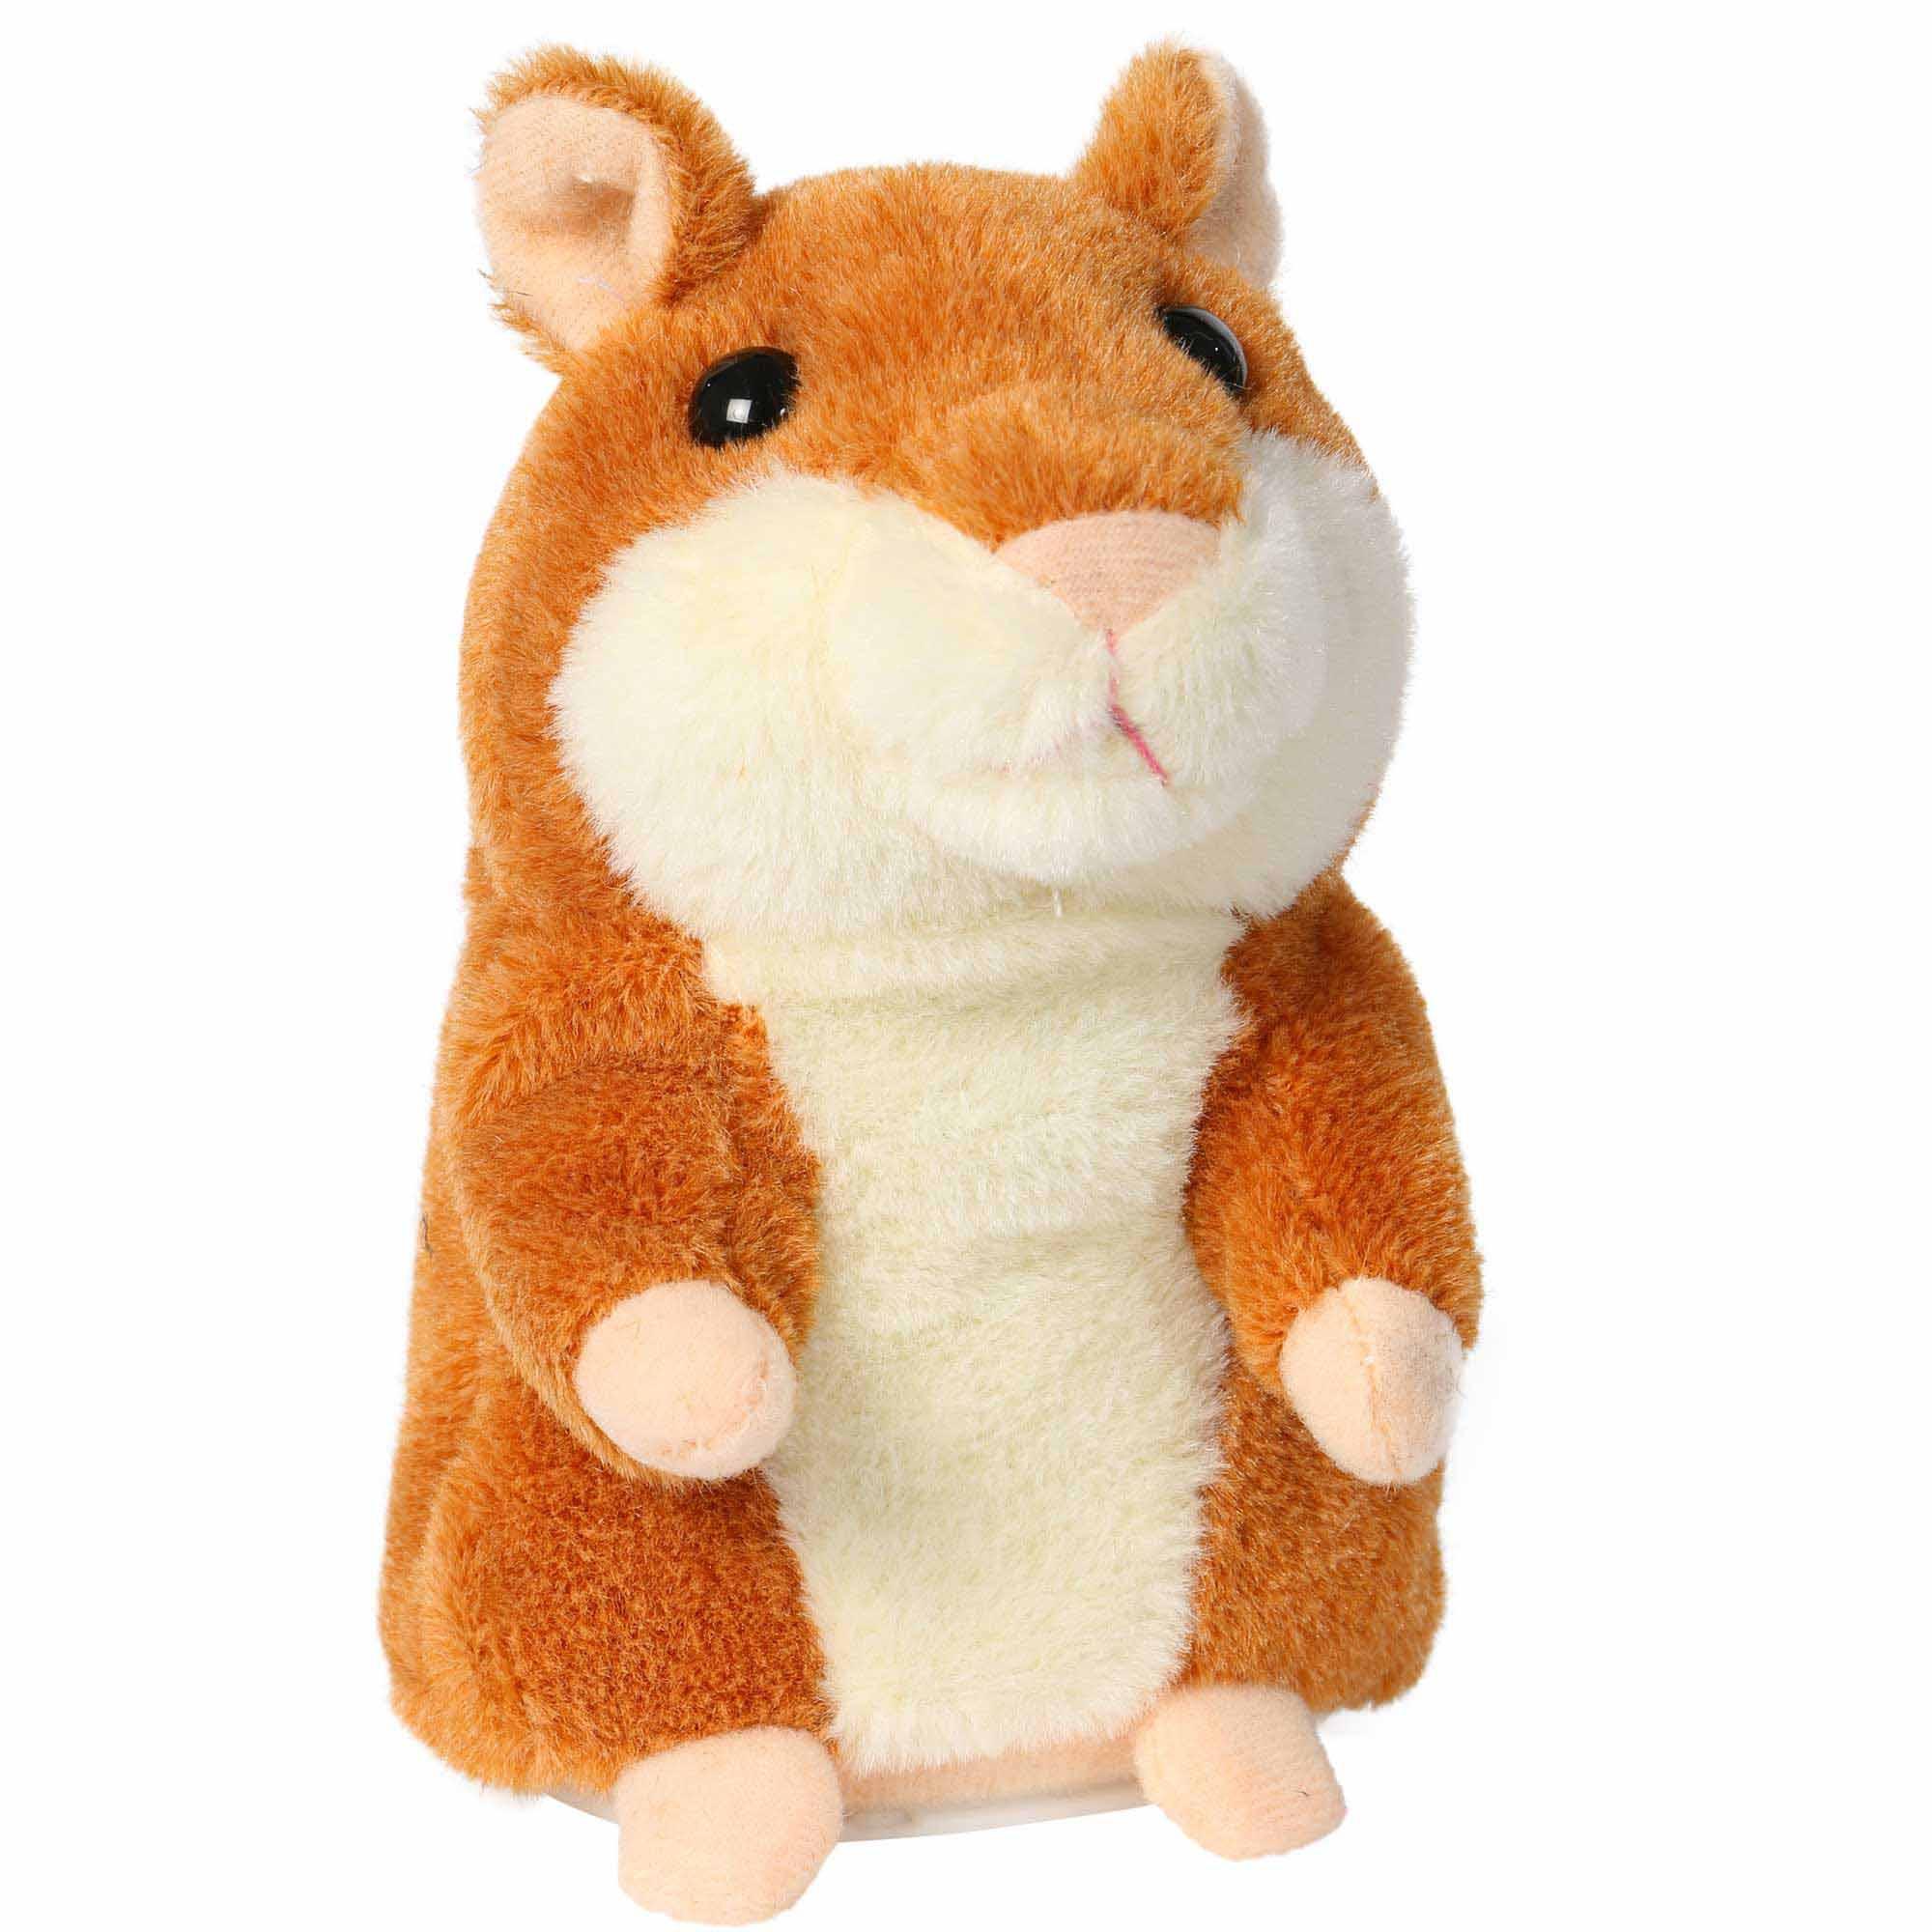 Sprechender Hamster braun, spricht alles nach speaking hamster